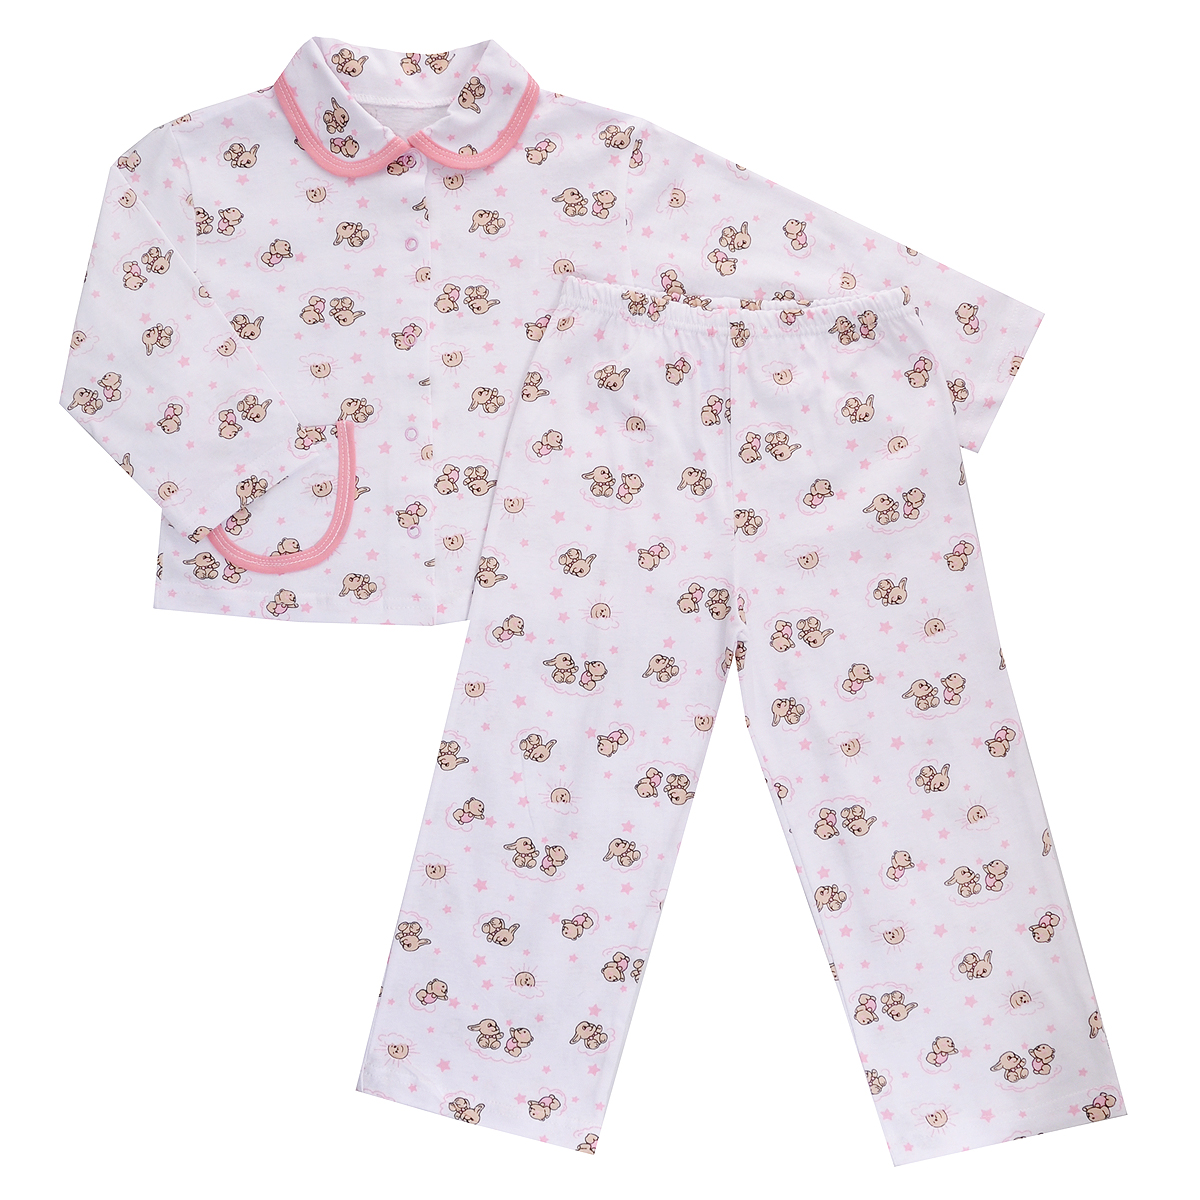 Пижама детская Трон-плюс, цвет: белый розовый рисунок зайцы. 5562. Размер 98/104, 3-5 лет5562Яркая детская пижама Трон-плюс, состоящая из кофточки и штанишек, идеально подойдет вашему малышу и станет отличным дополнением к детскому гардеробу. Теплая пижама, изготовленная из кулирки - натурального хлопка, необычайно мягкая и легкая, не сковывает движения ребенка, позволяет коже дышать и не раздражает даже самую нежную и чувствительную кожу малыша. Кофта с длинными рукавами имеет отложной воротничок и застегивается на кнопки, также оформлена небольшим накладным карманчиком. Штанишки на удобной резинке не сдавливают животик ребенка и не сползают.В такой пижаме ваш ребенок будет чувствовать себя комфортно и уютно во время сна.